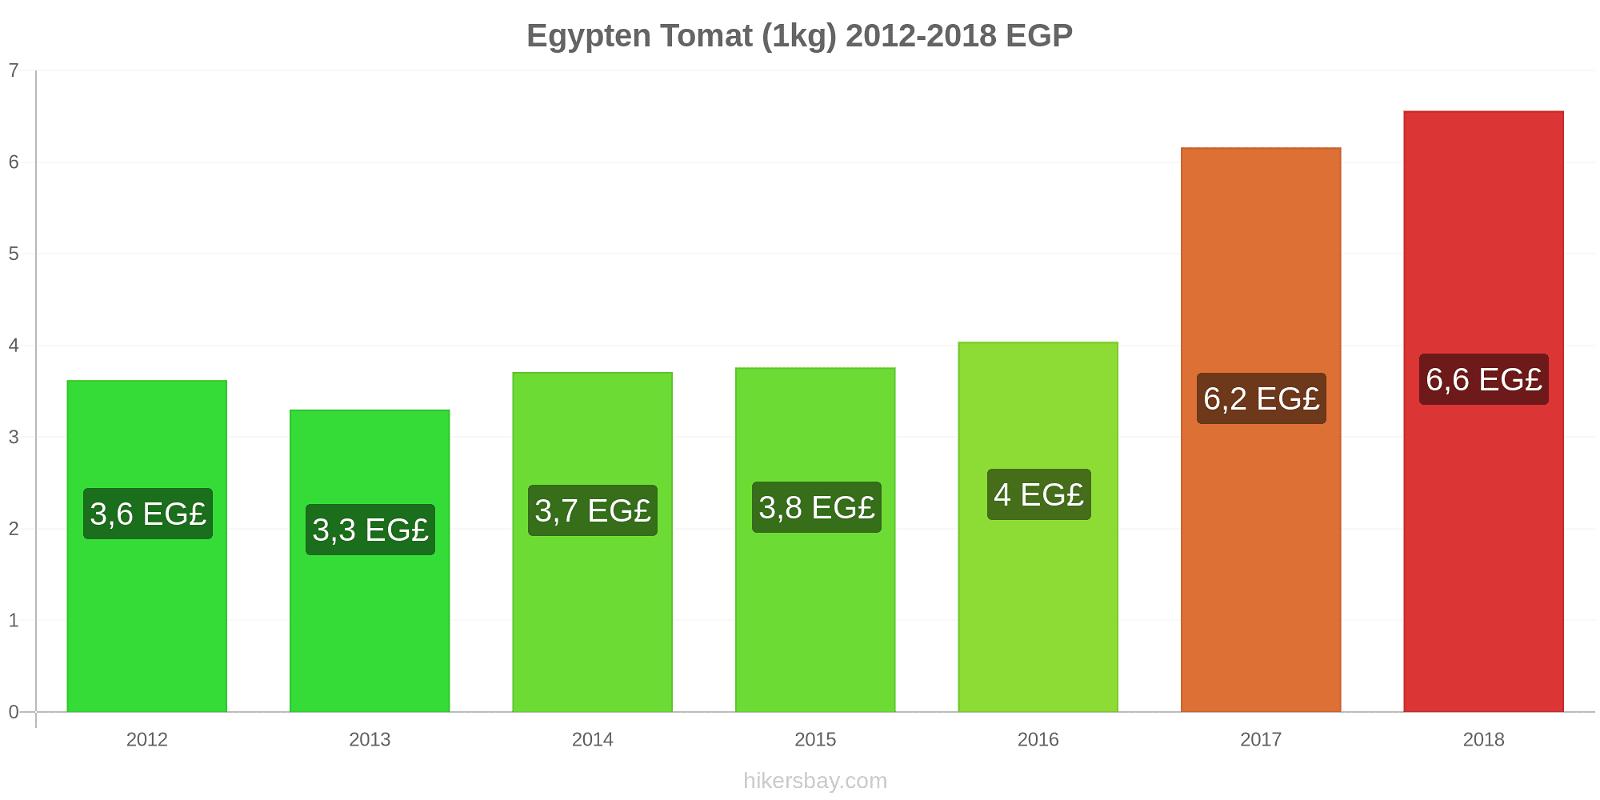 Egypten prisförändringar Tomat (1kg) hikersbay.com